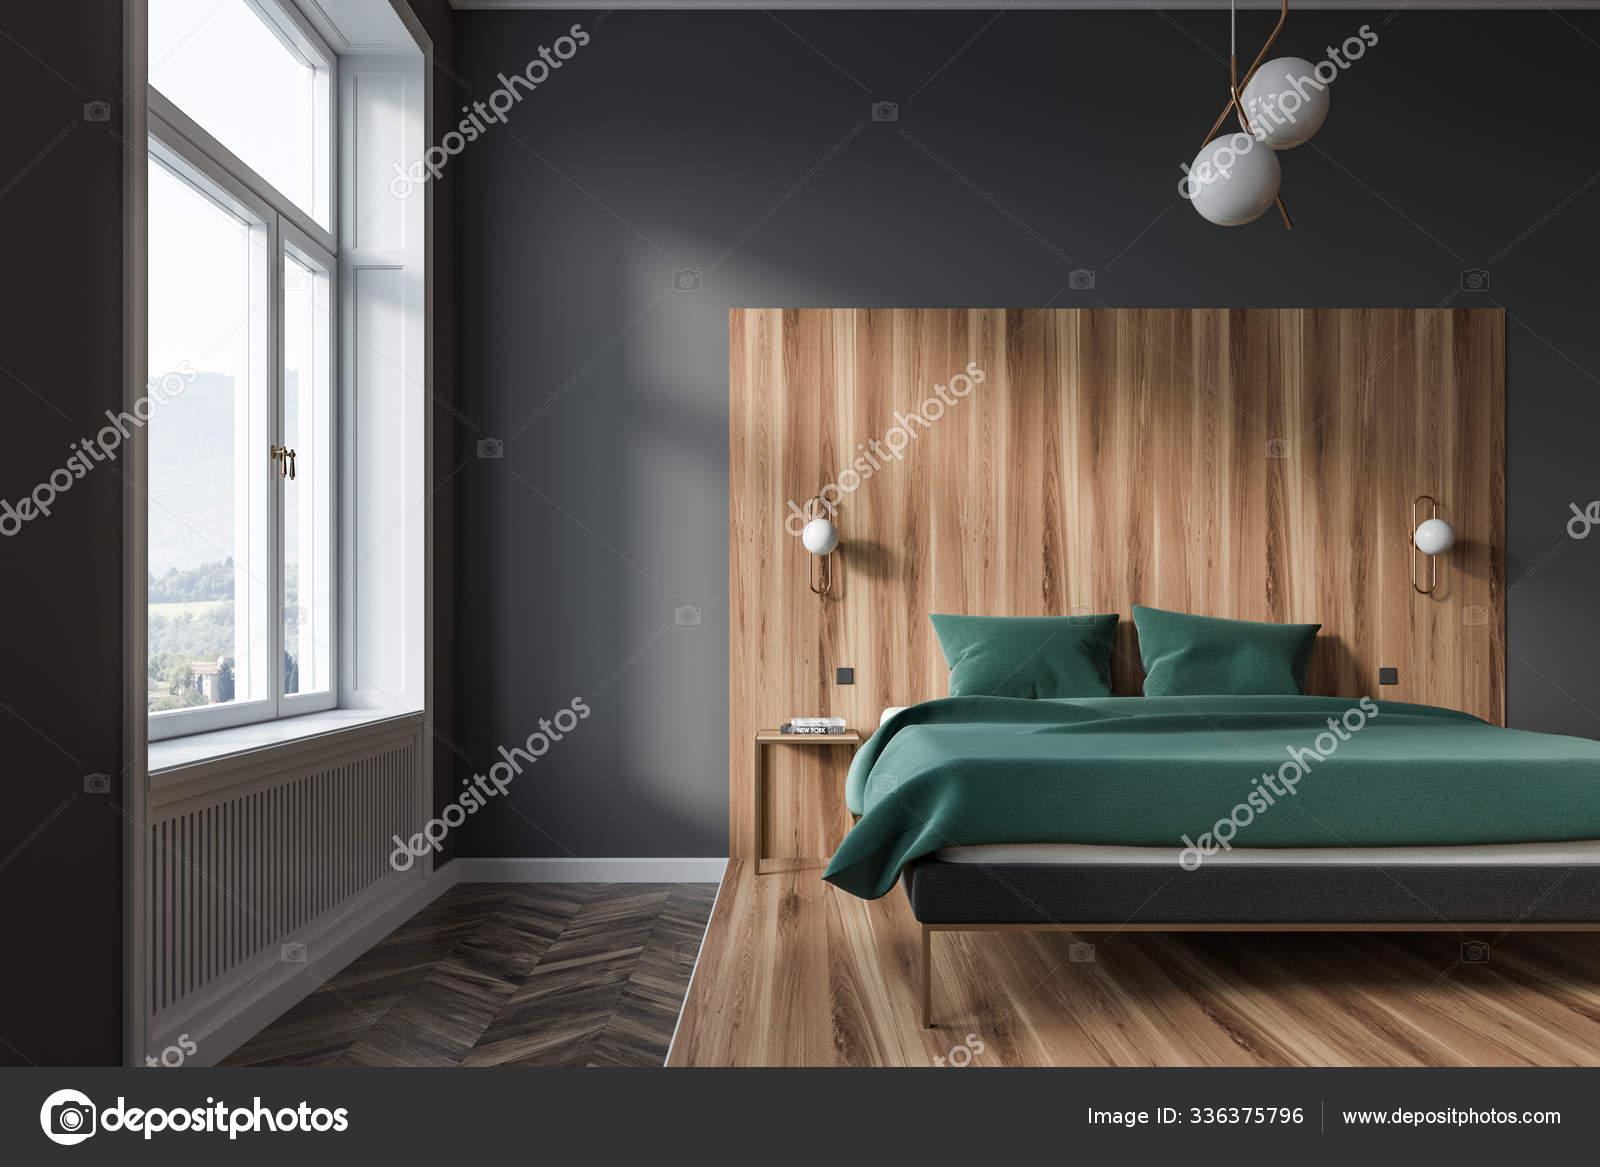 Grau Und Holz Schlafzimmer Innenausstattung Grunes Bett Stockfotografie Lizenzfreie Fotos C Denisismagilov 336375796 Depositphotos